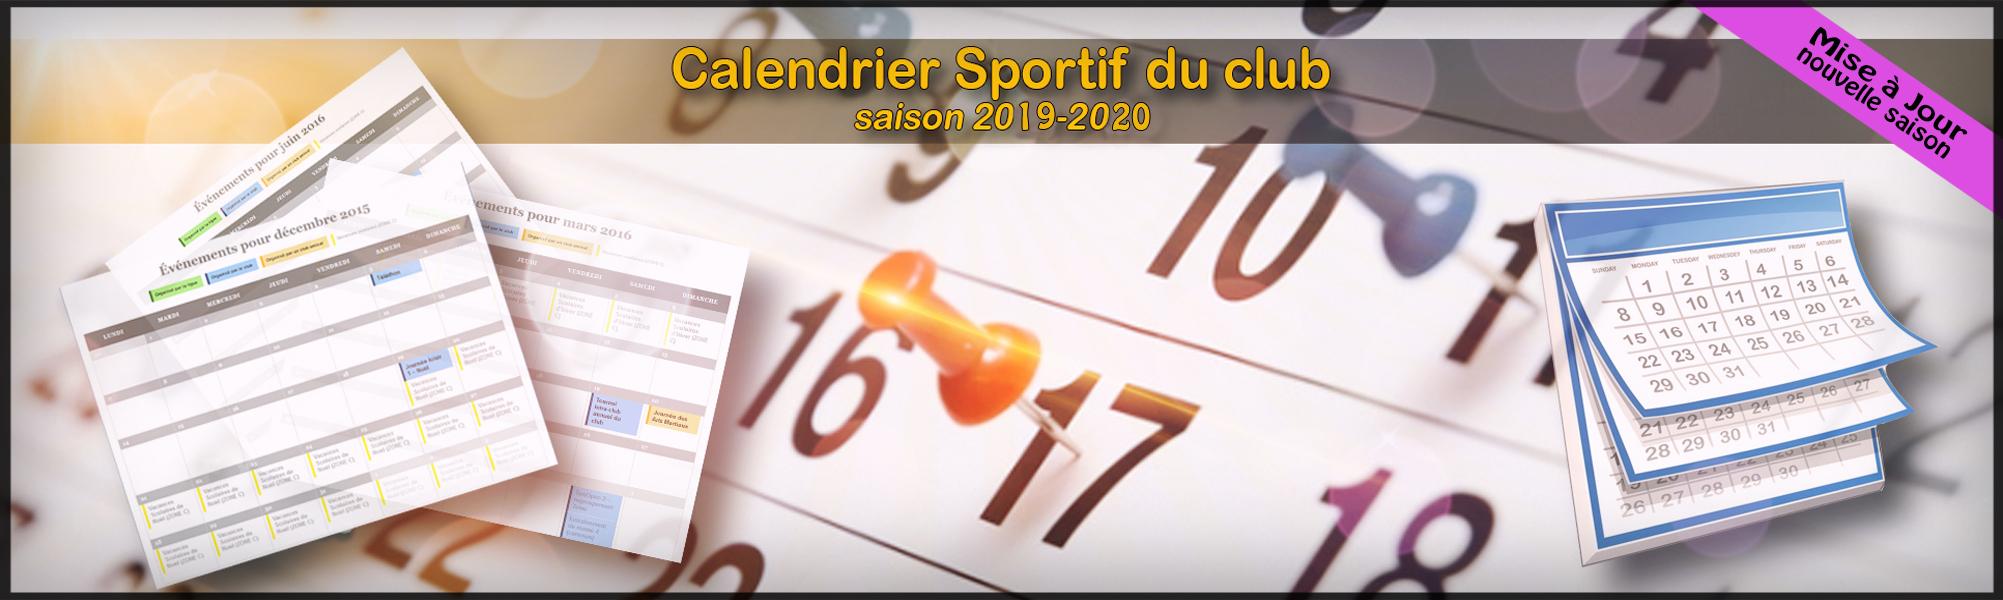 Calendrier-Sportif-2019-2020